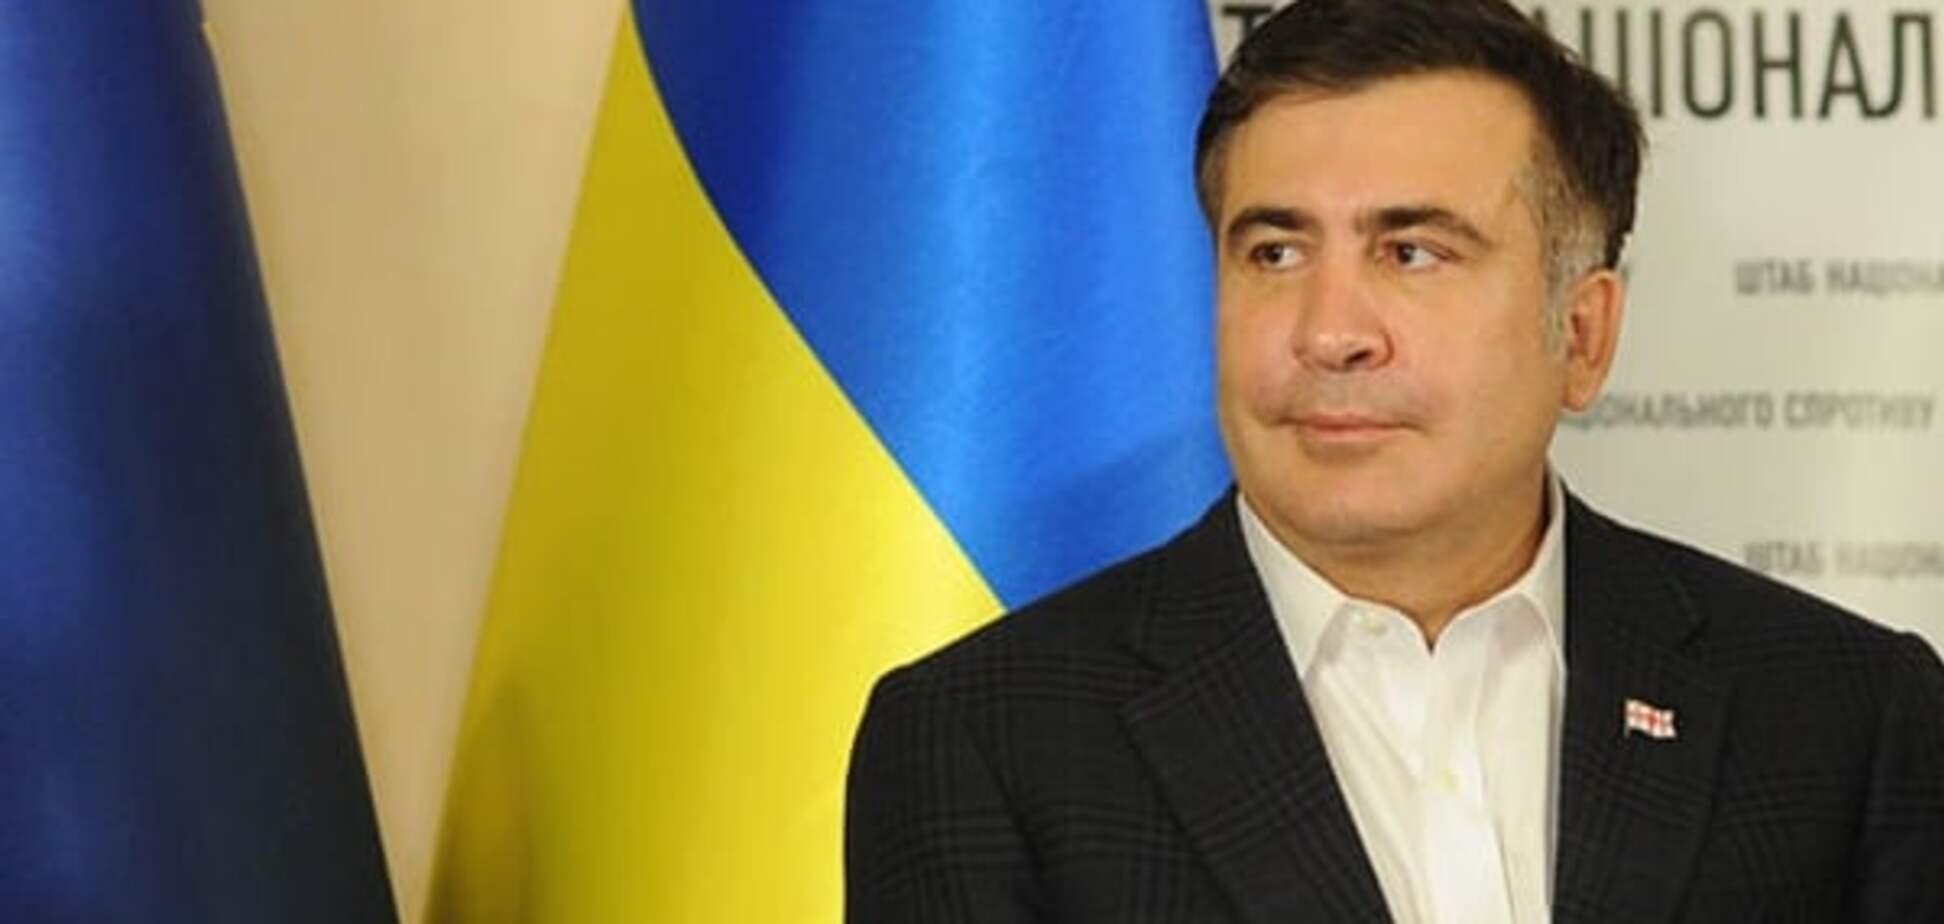 Слабые места Саакашвили